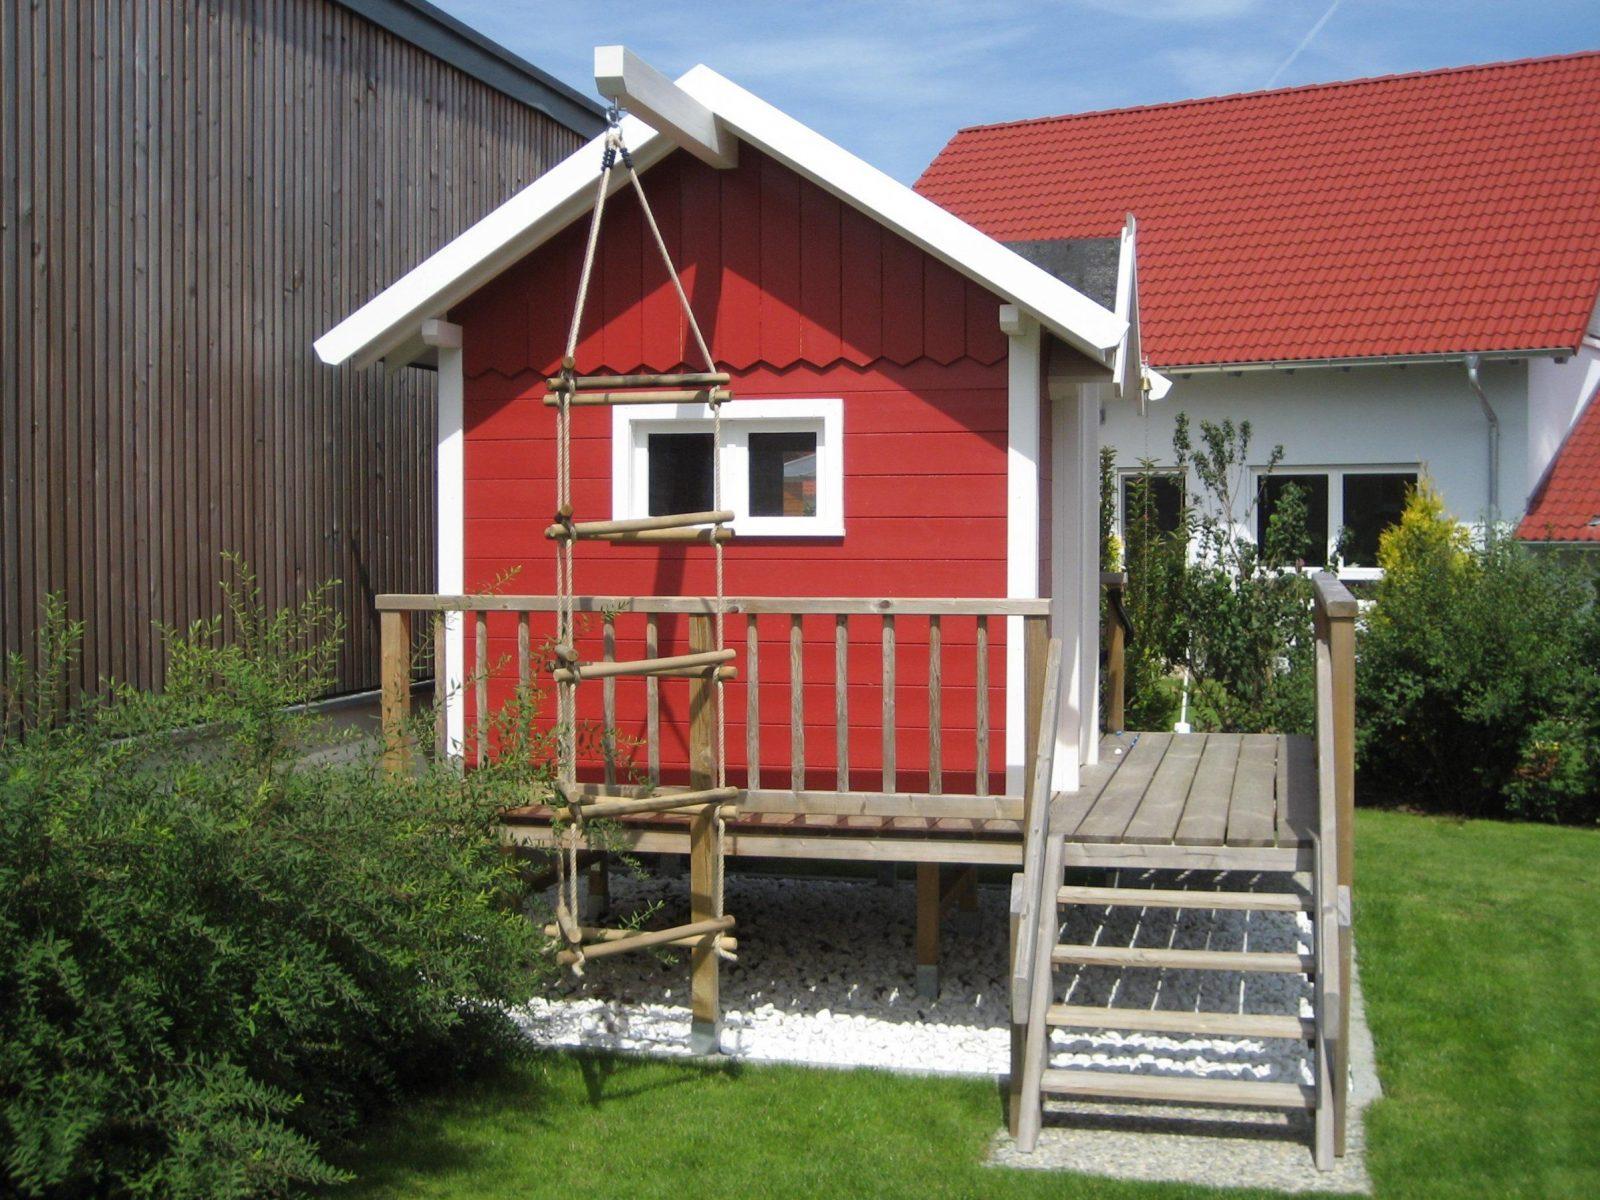 49+ Fantastisch Spielhaus Selber  Kamrecords von Holz Spielhaus Selber Bauen Photo